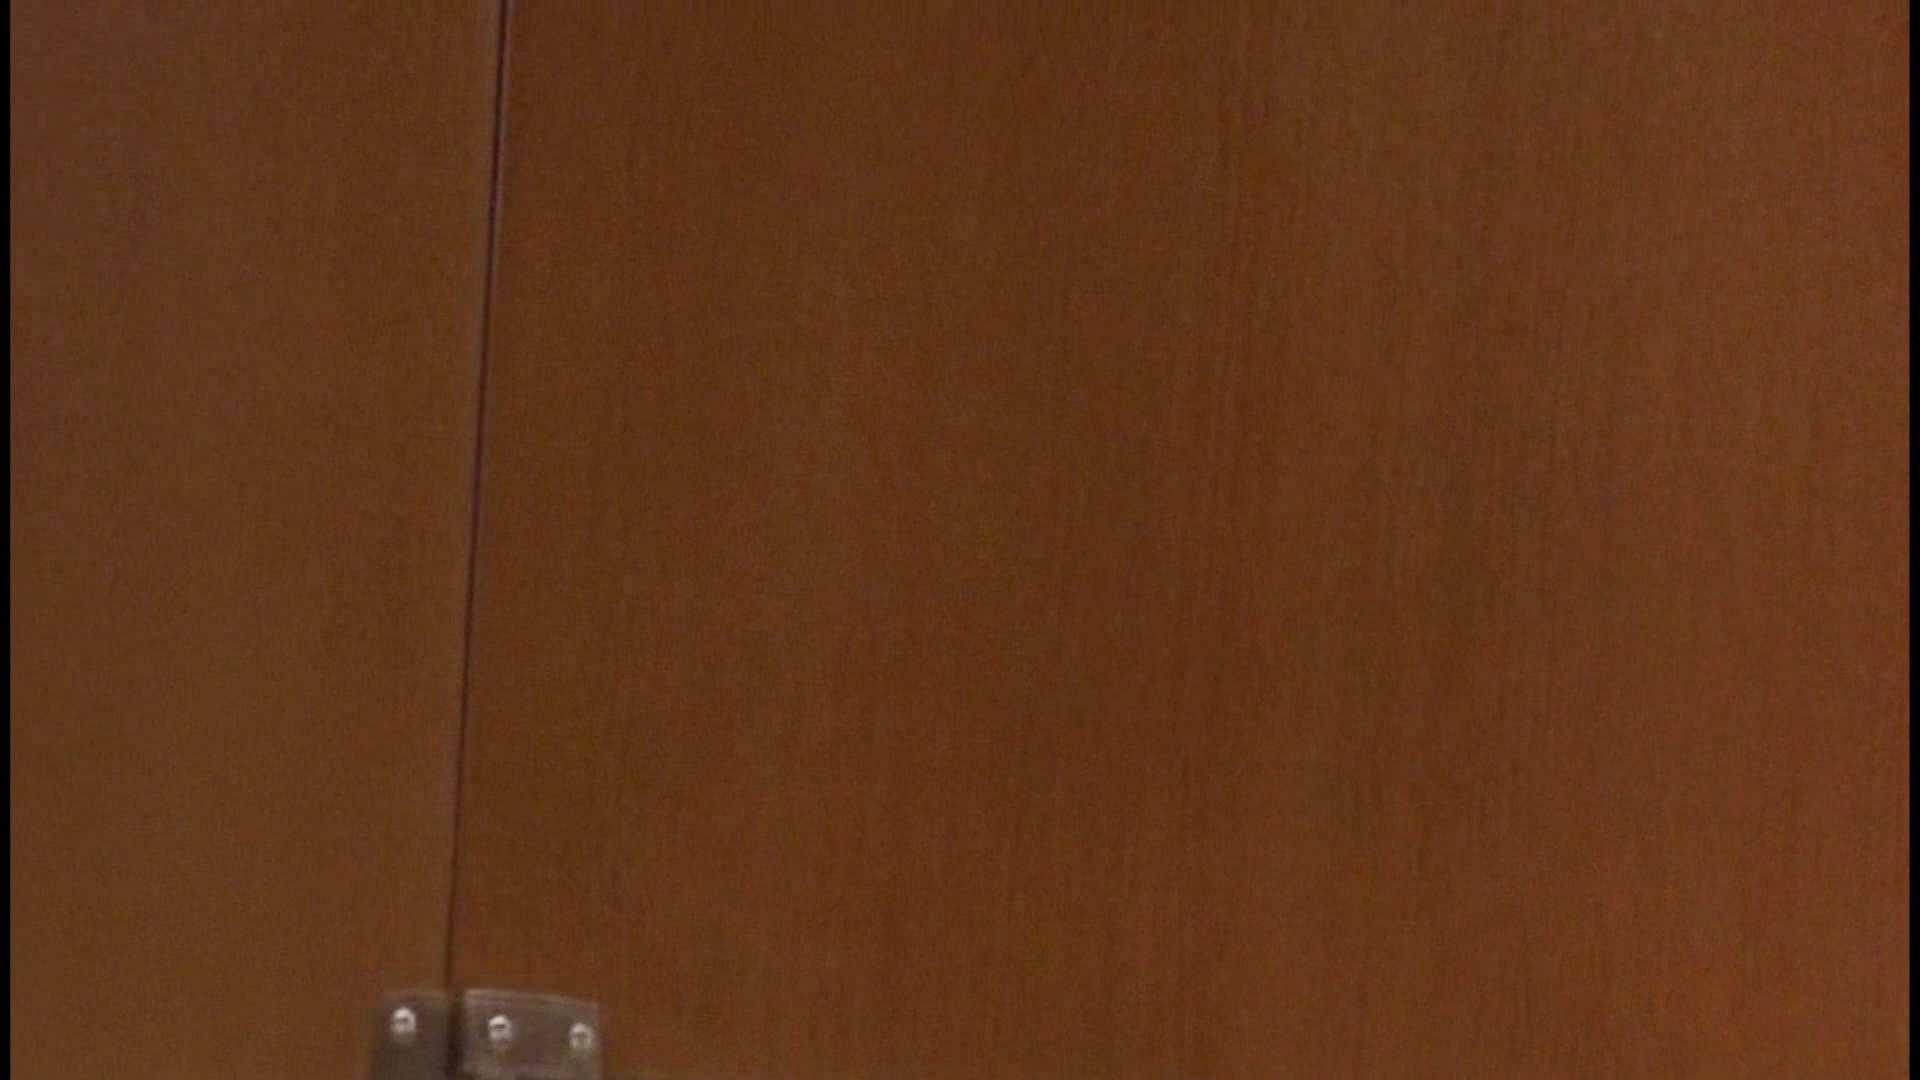 「噂」の国の厠観察日記2 Vol.08 いやらしいOL すけべAV動画紹介 80連発 65